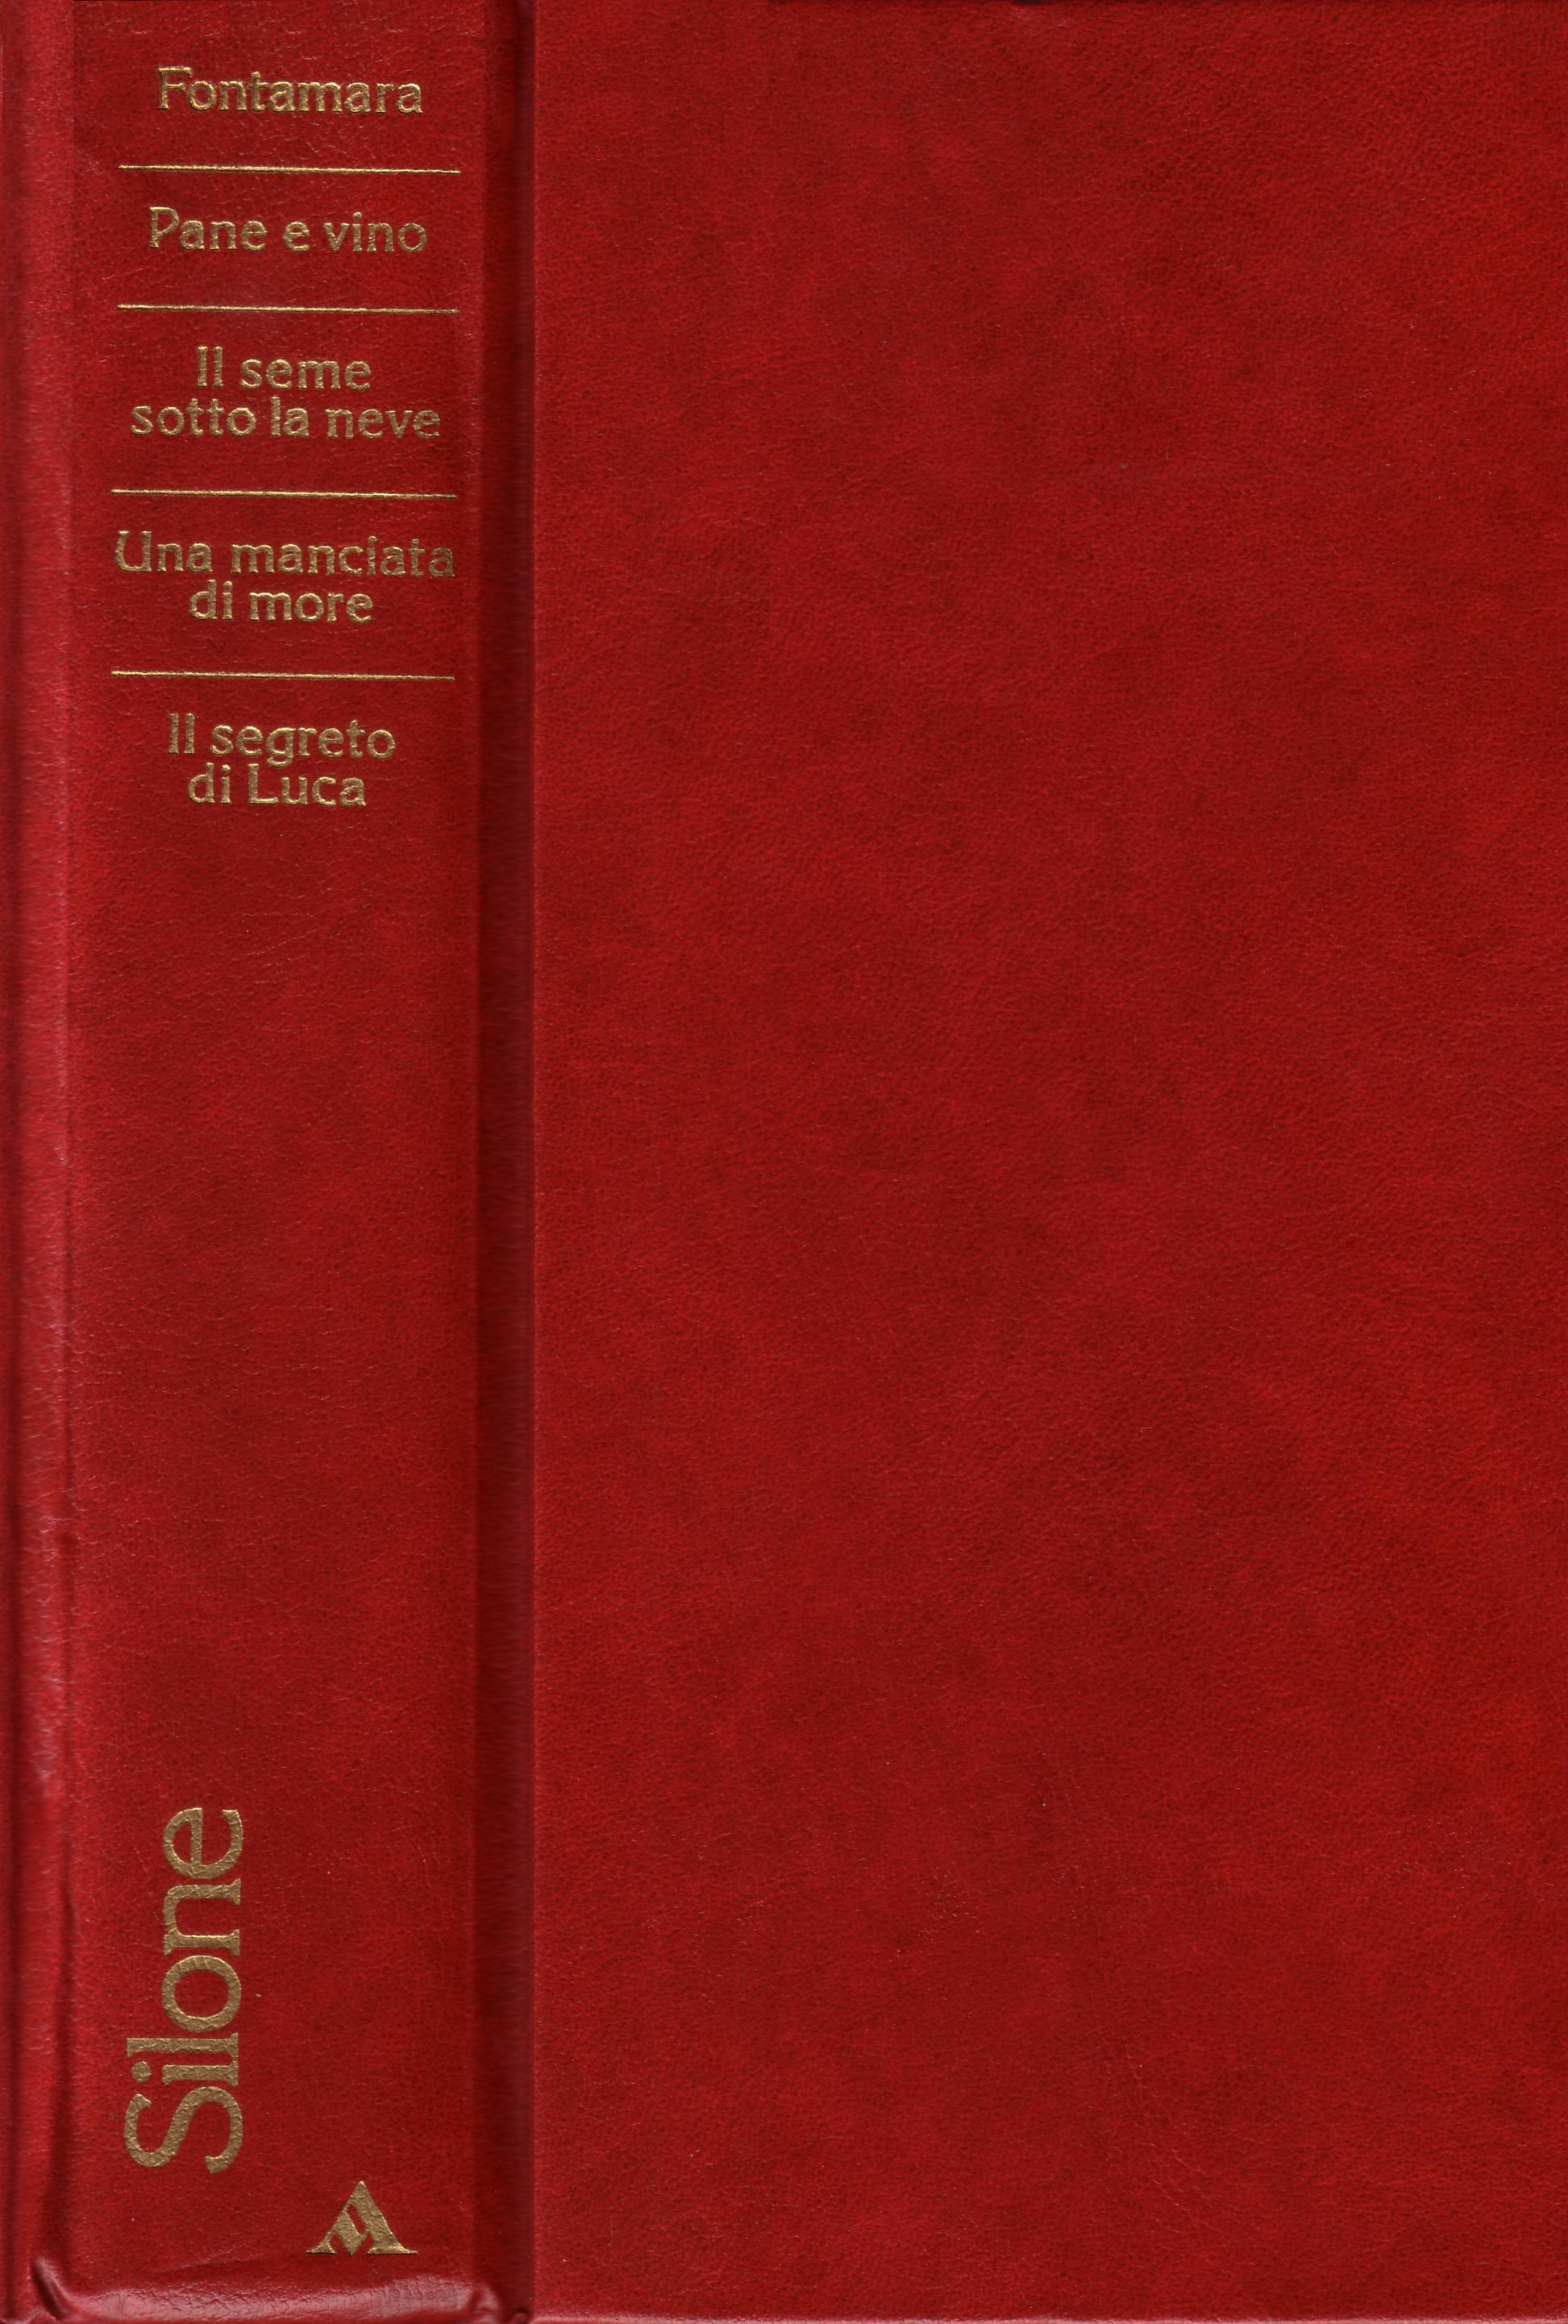 Fontamara - Pane e vino - Il seme sotto la neve - Una manciata di more - Il segreto di Luca